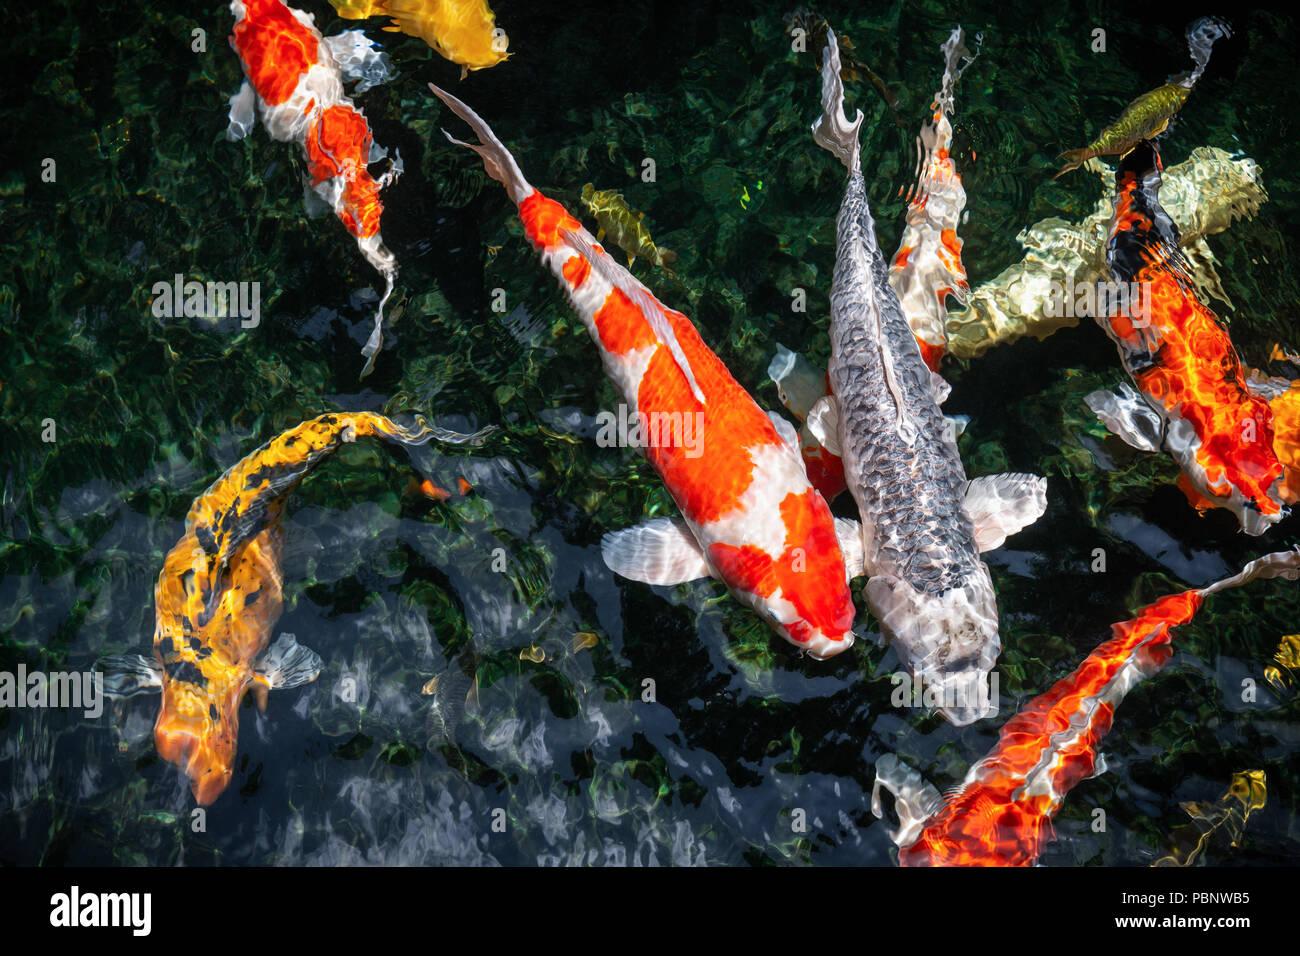 Vista Superior Del Movimiento Colorido Fancy Carp Peces Nadan En La